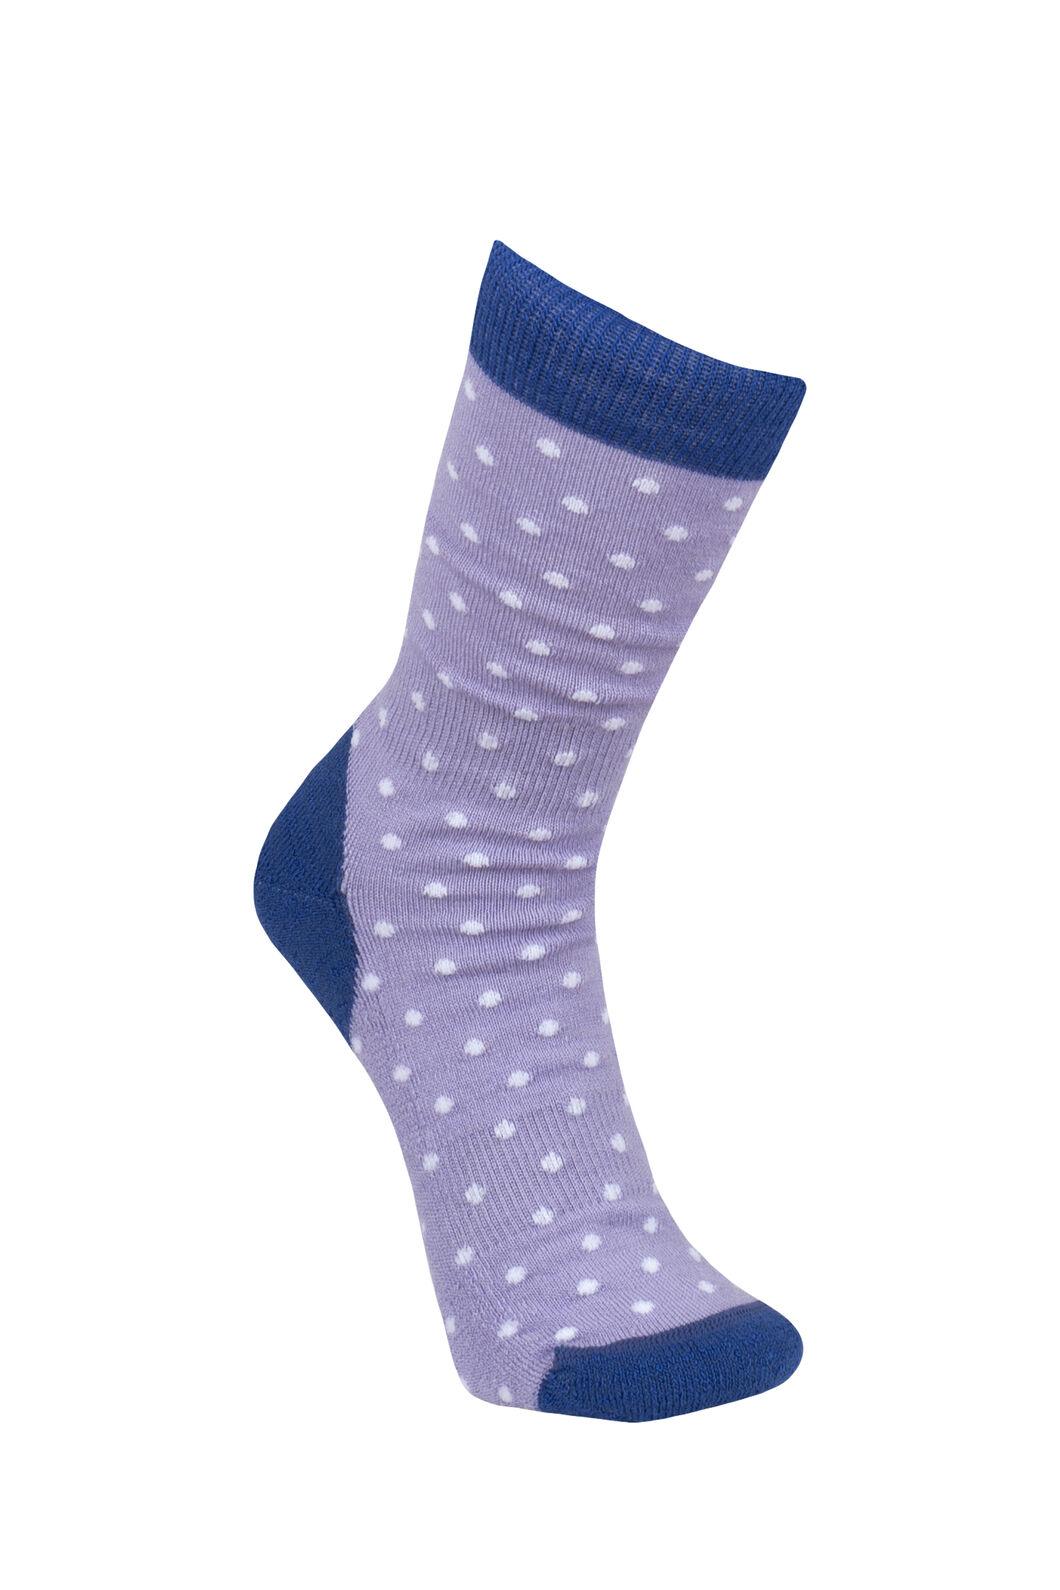 Macpac Footprint Socks Kids', Clematis/Sweet Lavendar, hi-res